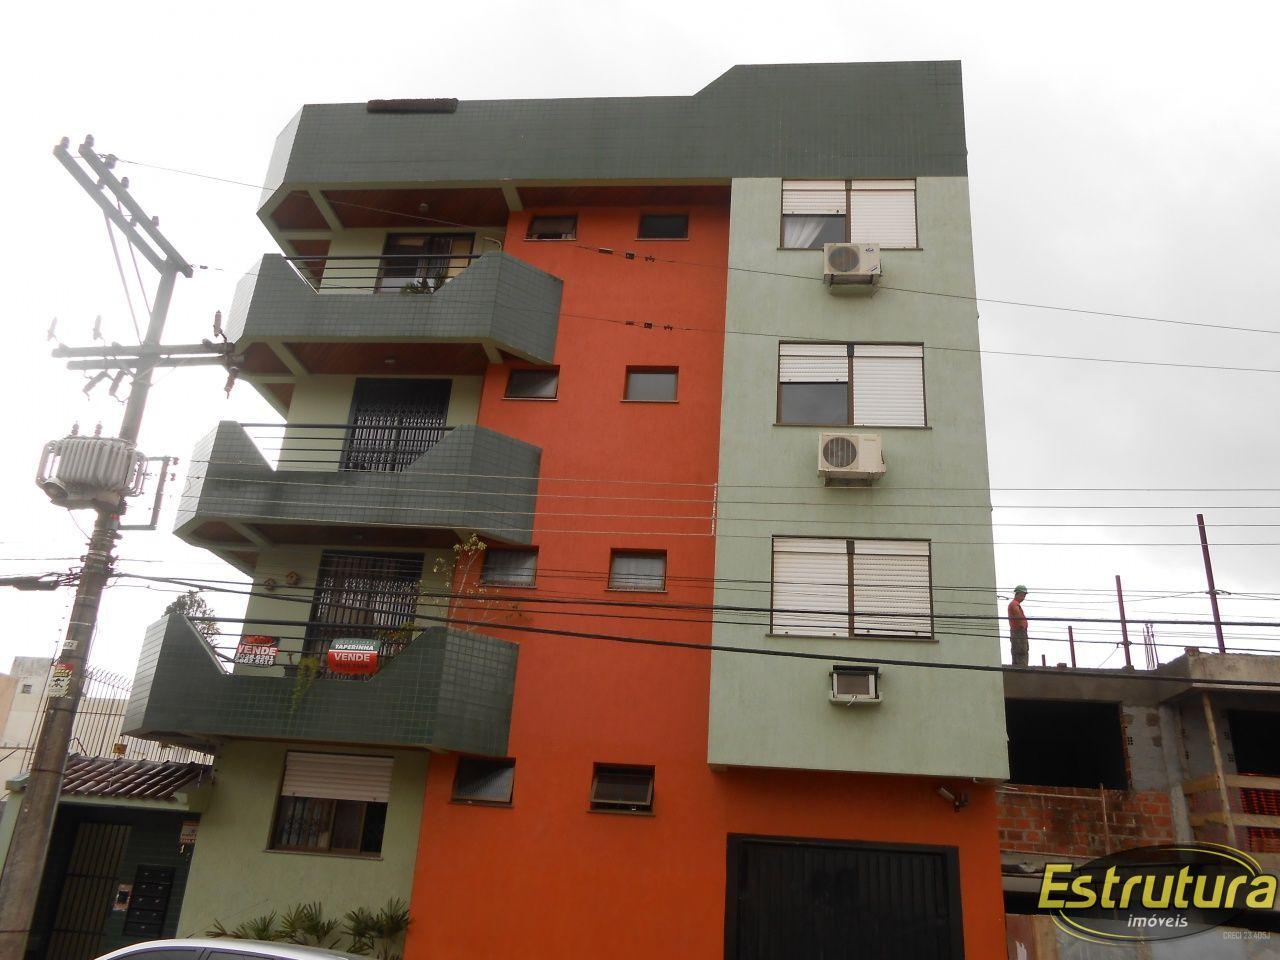 Apartamento com 3 Dormitórios à venda, 200 m² por R$ 660.000,00